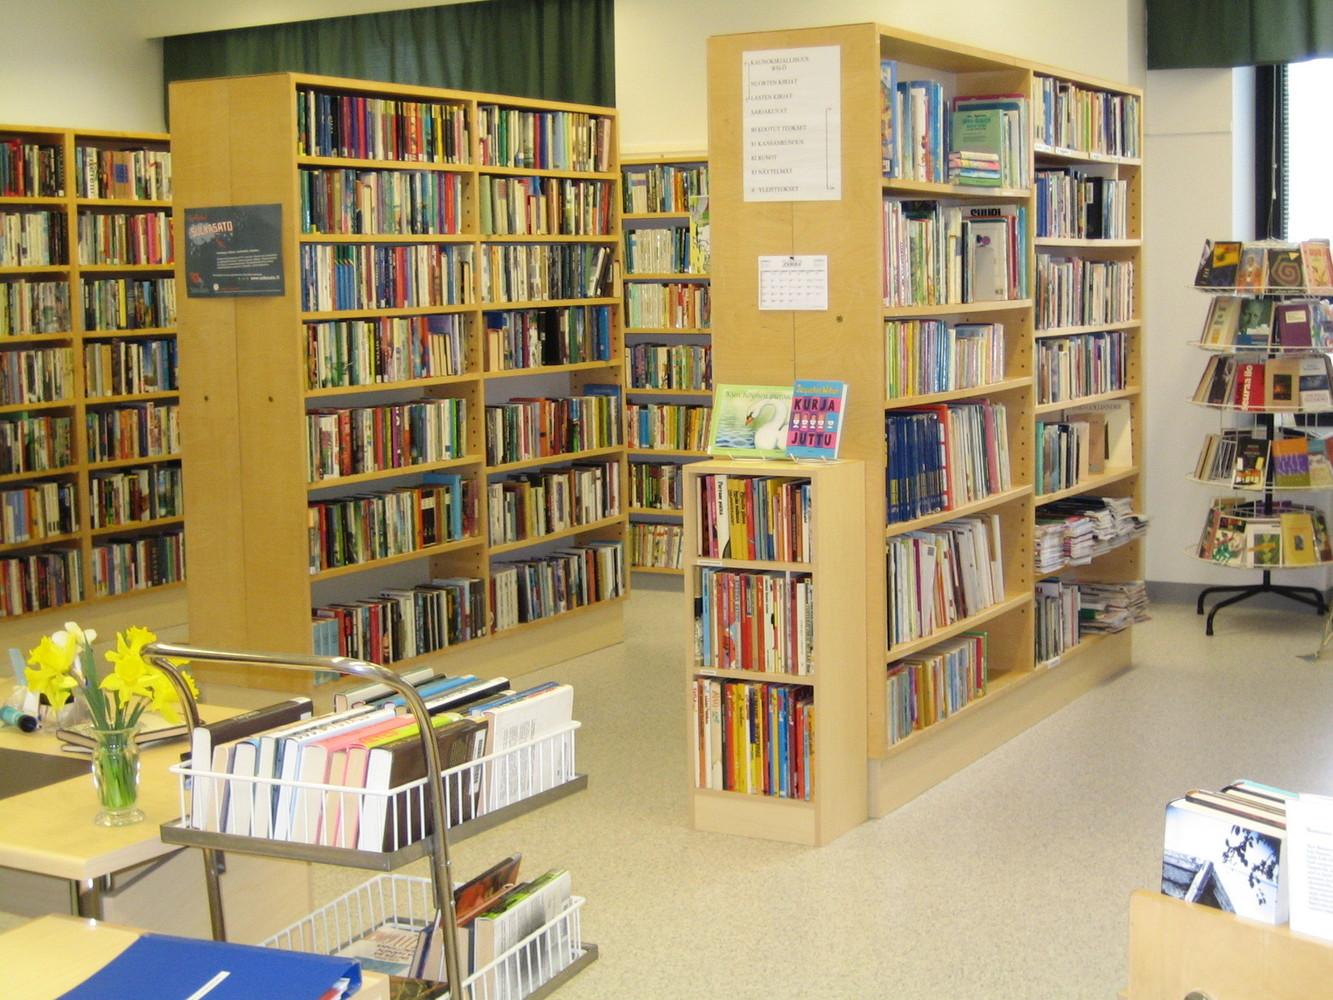 Törnävä bibliotek